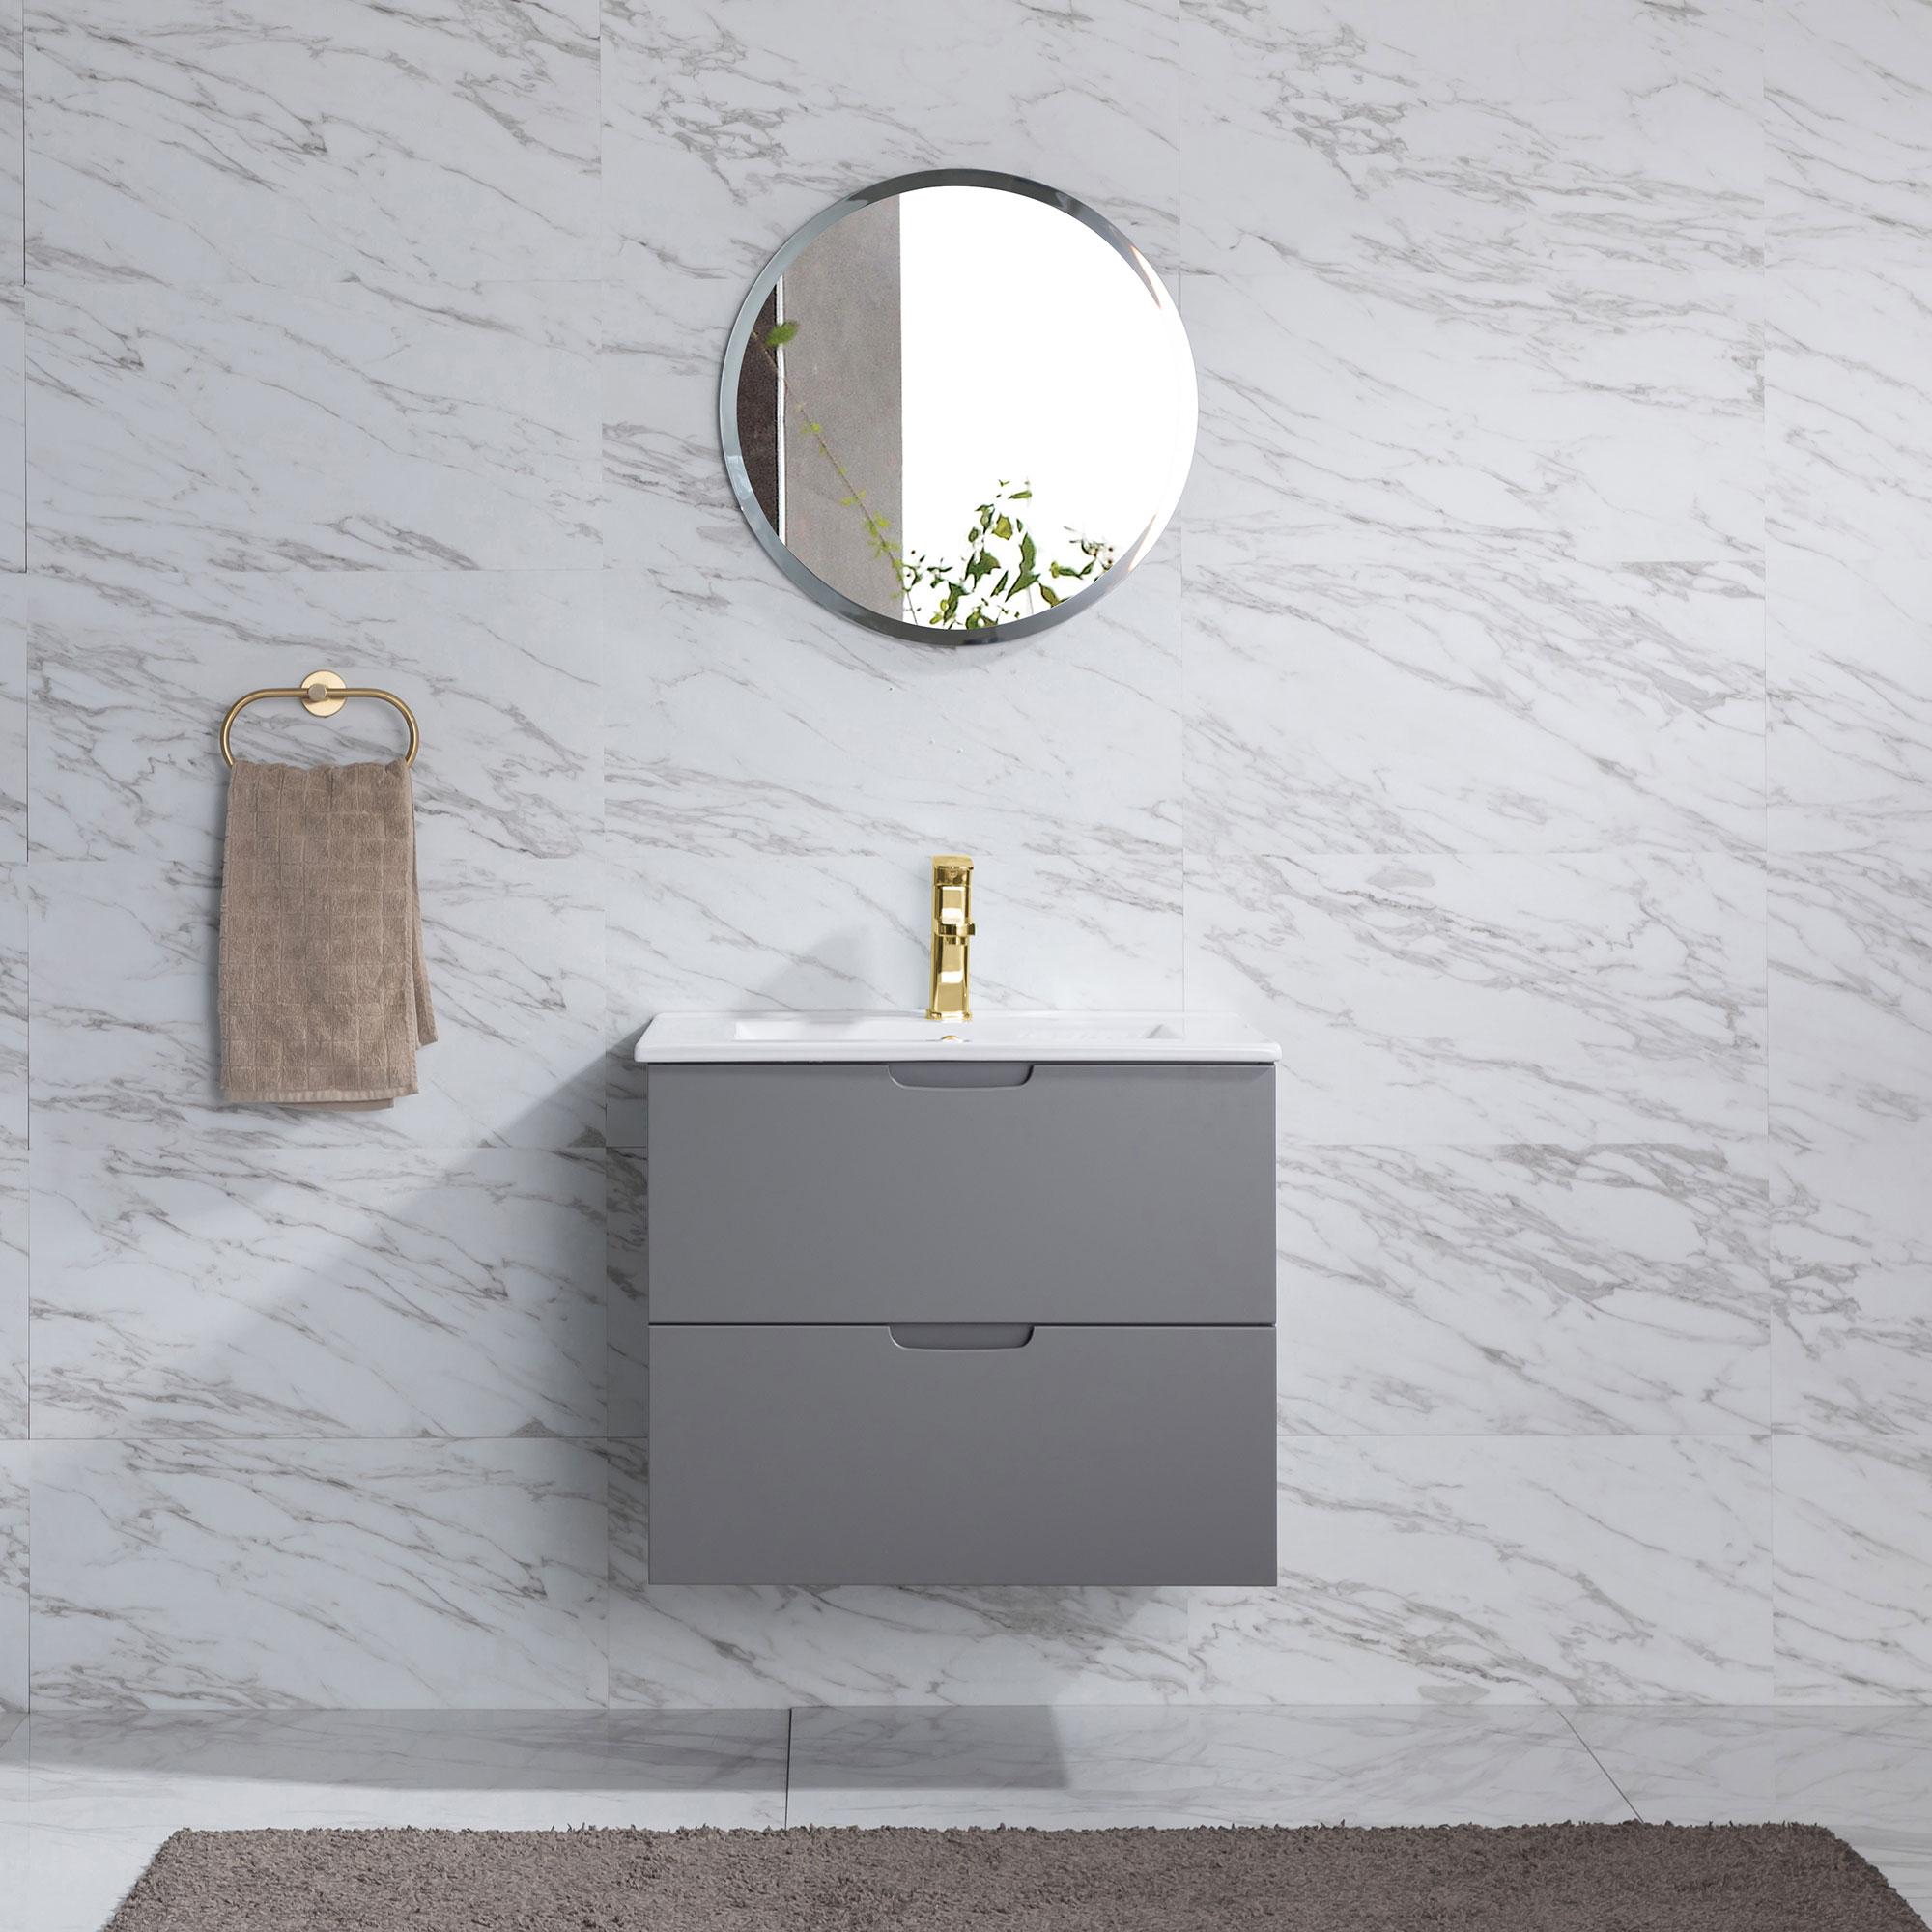 Tvättställsskåp Bathlife Glädje Grå